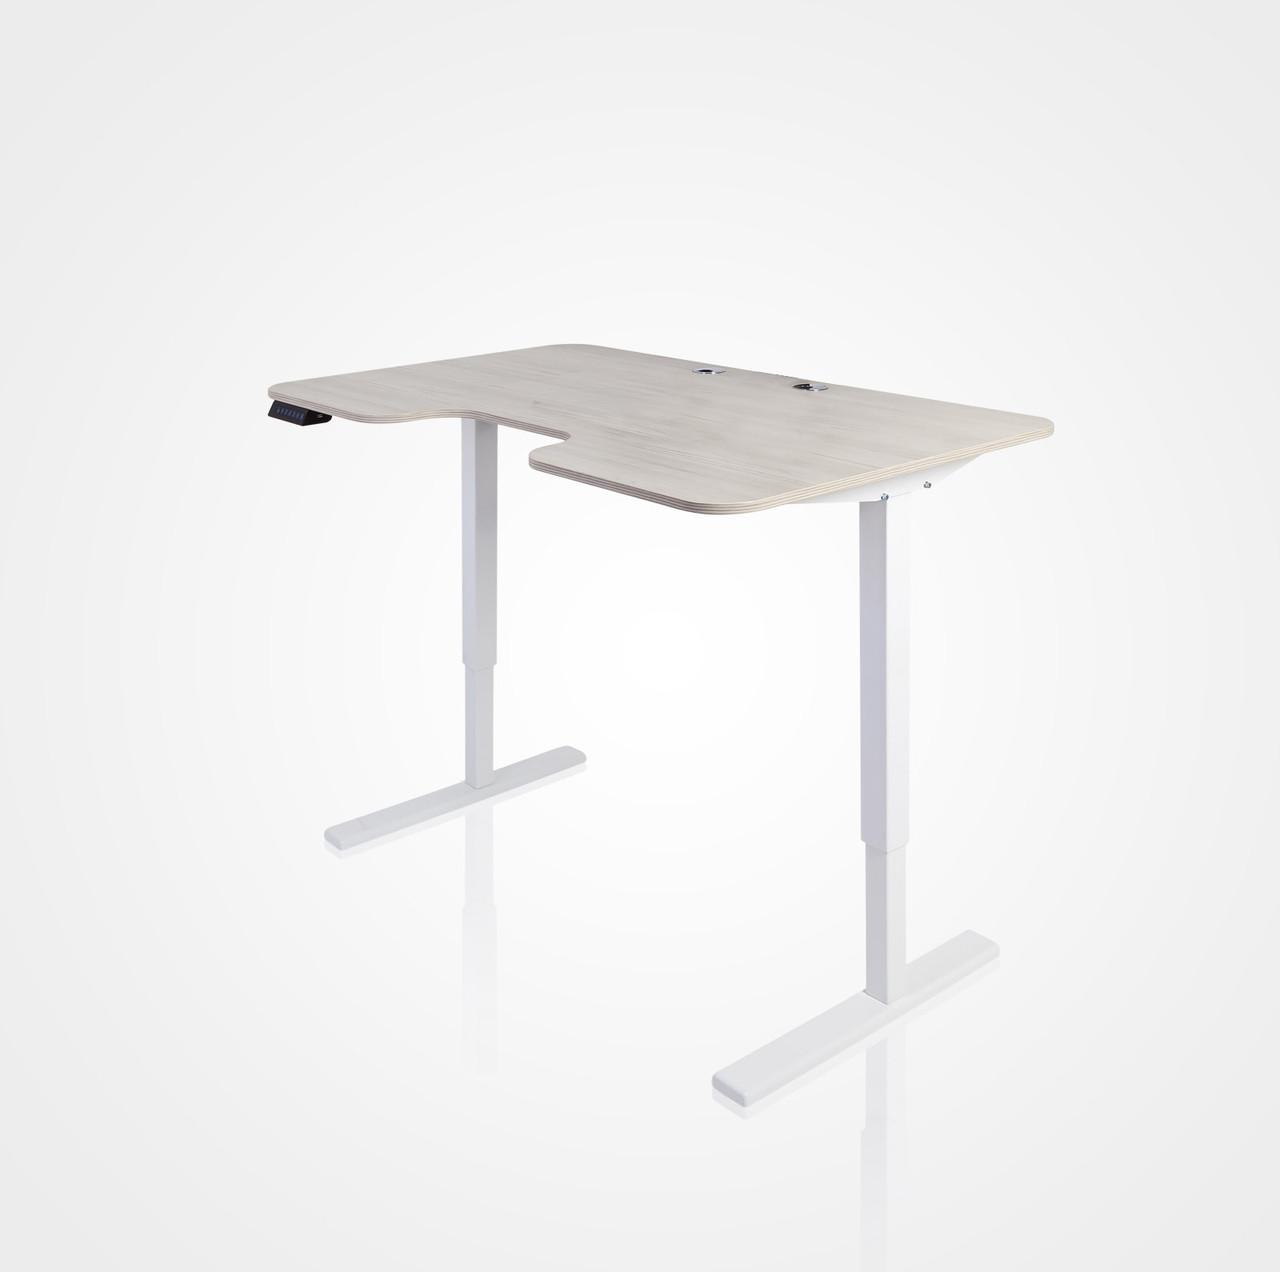 Стол с электронной регулировкой высоты TehnoTable model strong